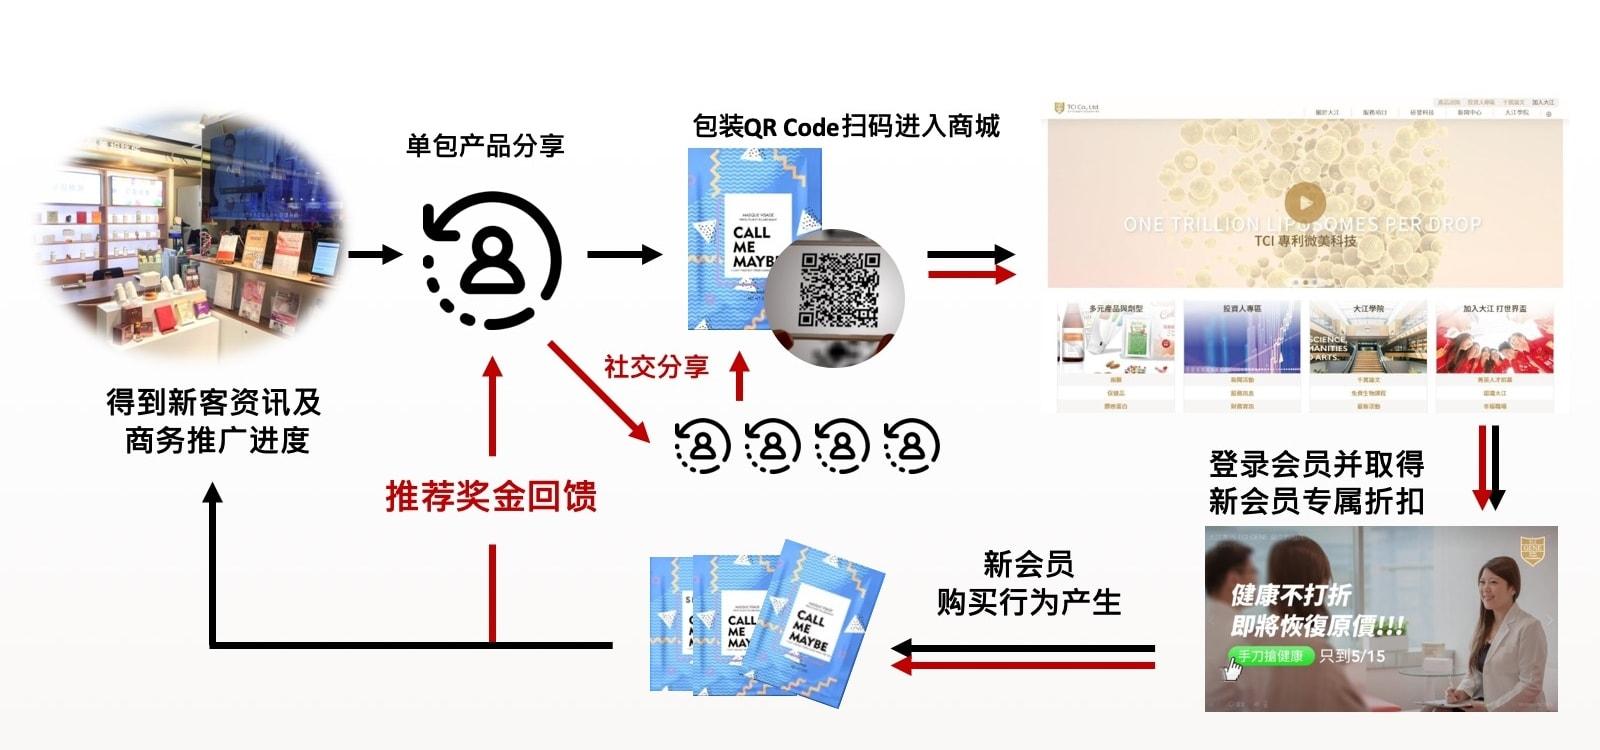 互动行销-社交微商/线上线下 追踪式推广方案